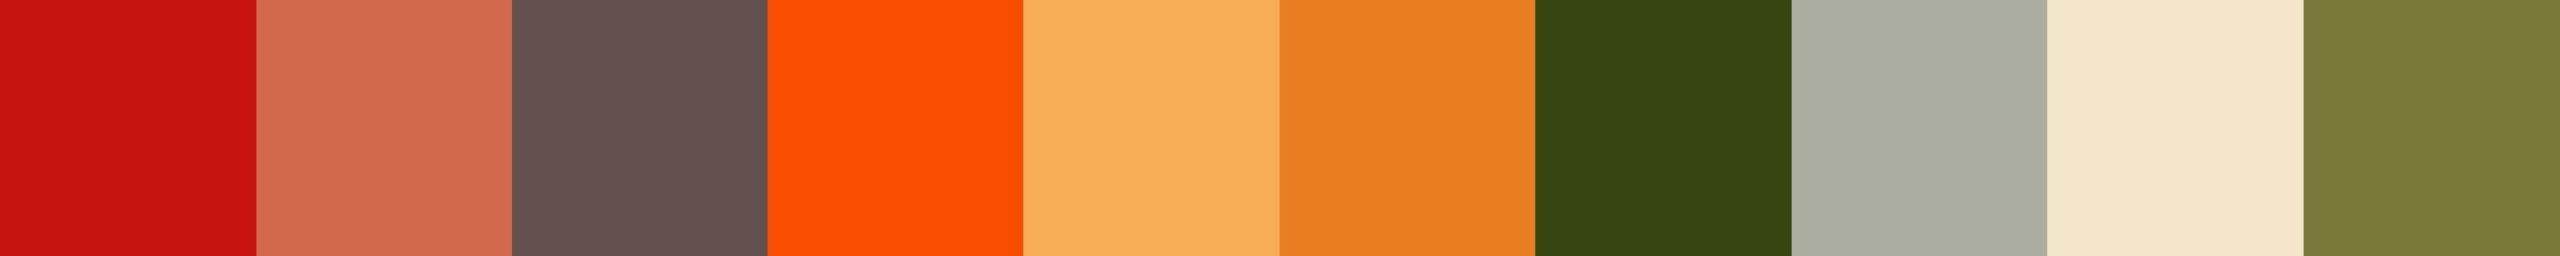 725 Sloderna Color Palette